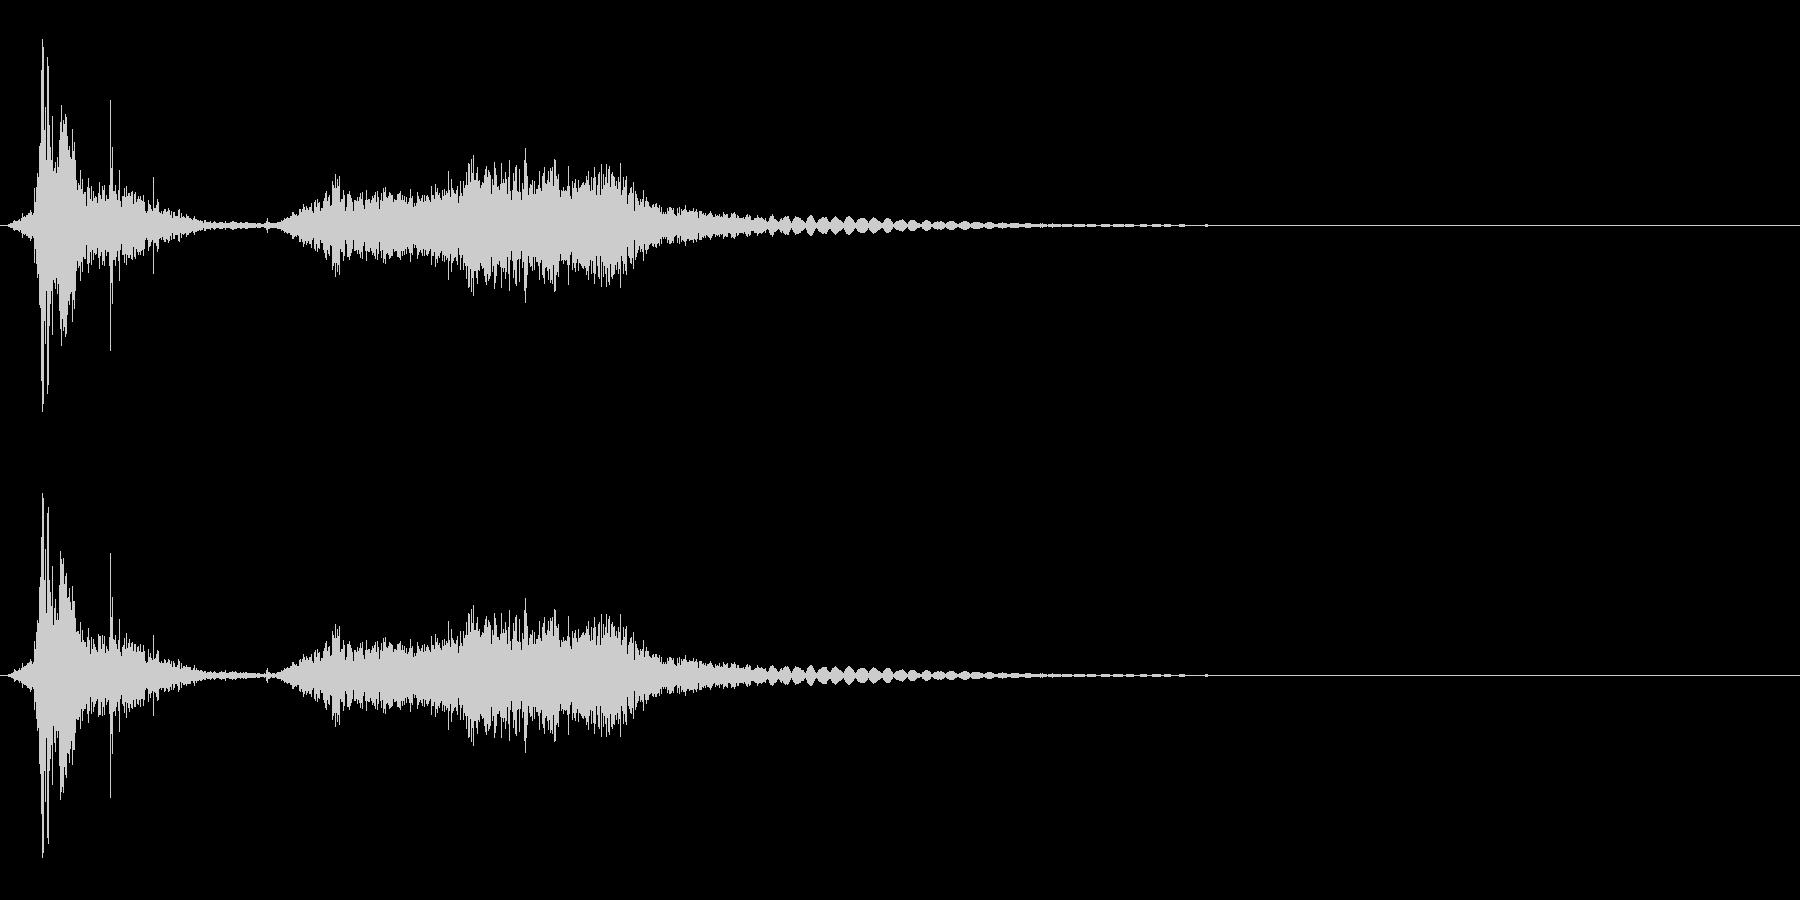 刃物/刀・剣/シャキーン/武器/抜刀の未再生の波形